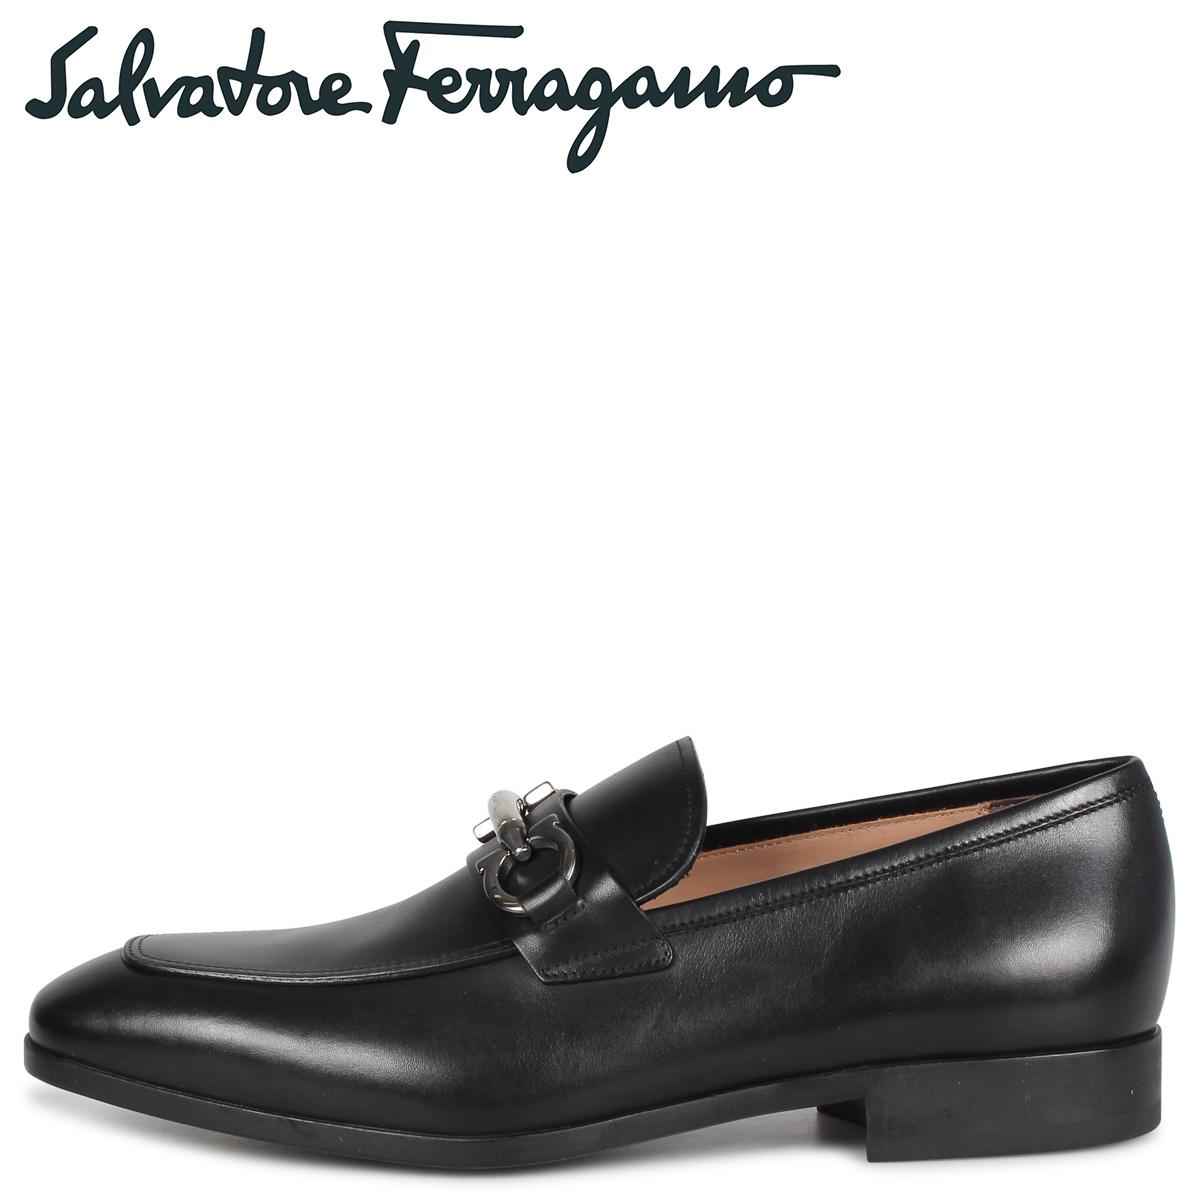 フェラガモ メンズ Salvatore Ferragamo ビットローファー モカシン シューズ BENFORD ブラック 黒 E 02B151 694854